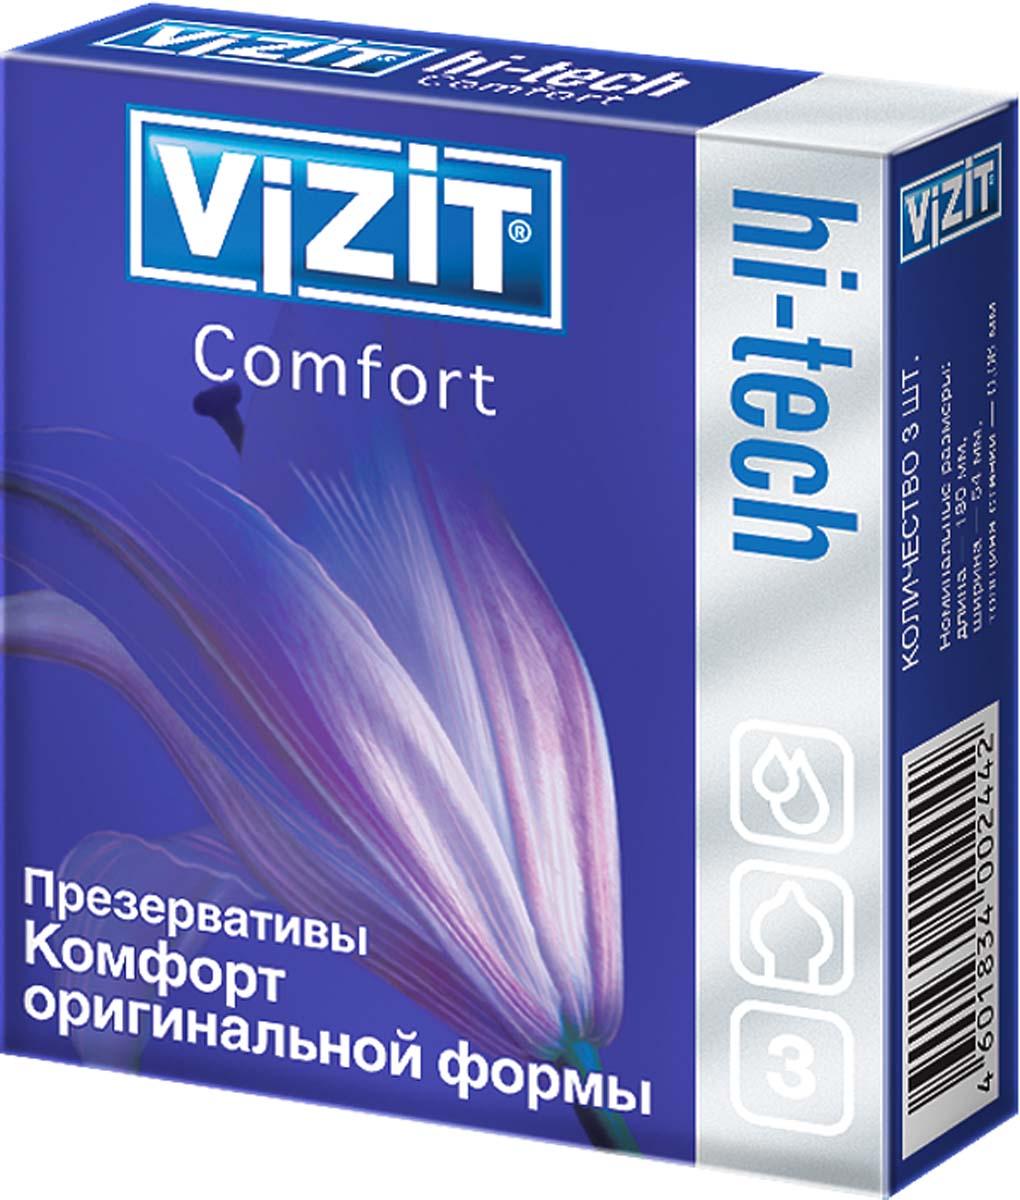 VIZIT Презервативы HI-TECH Comfort, оригинальной формы, 3 шт podium стек 85 см наконечник хлопушка